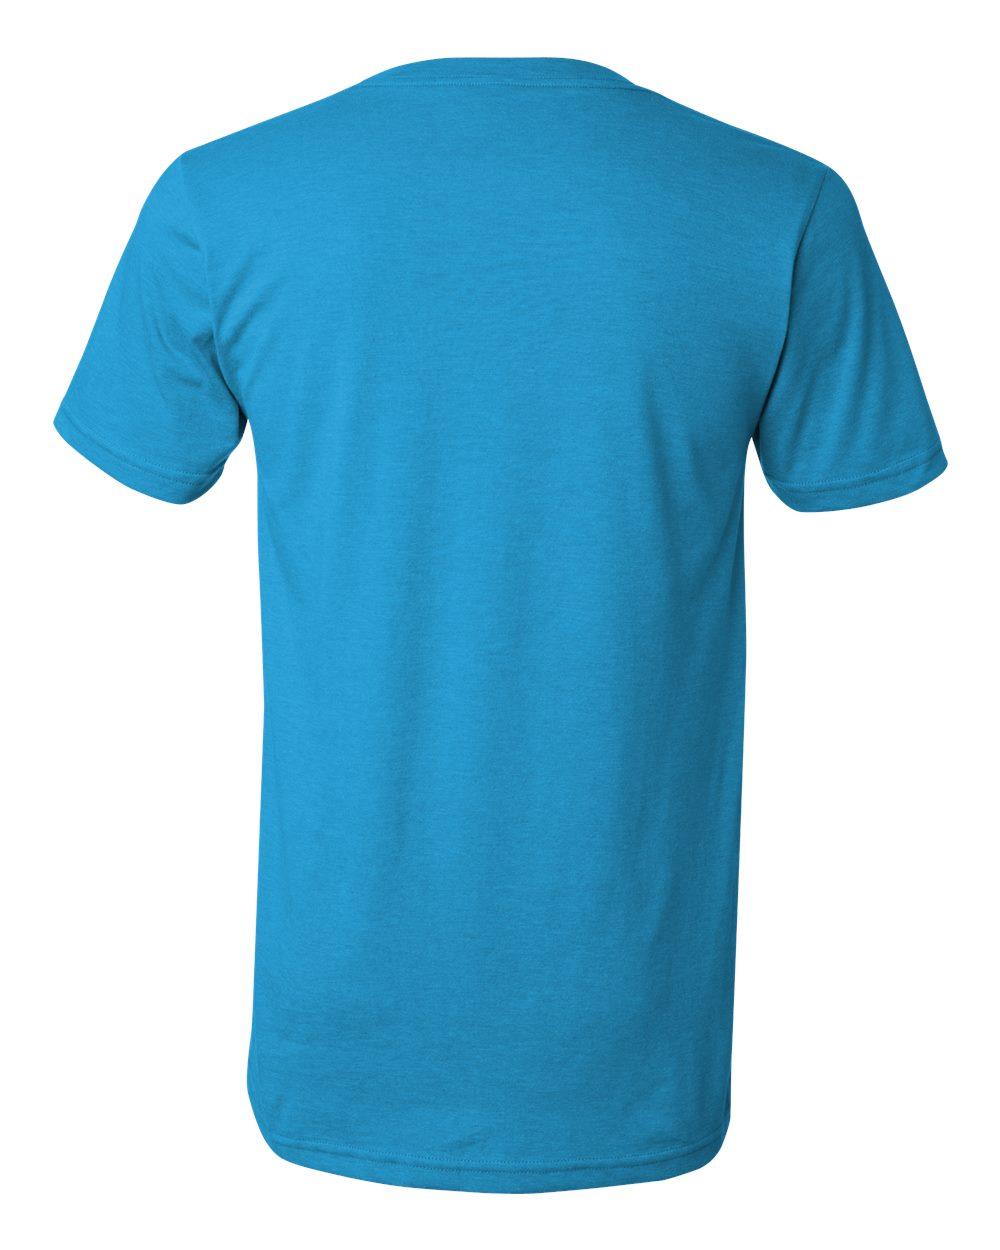 Bella-Canvas-Men-039-s-Jersey-Short-Sleeve-V-Neck-T-Shirt-3005-XS-3XL thumbnail 53